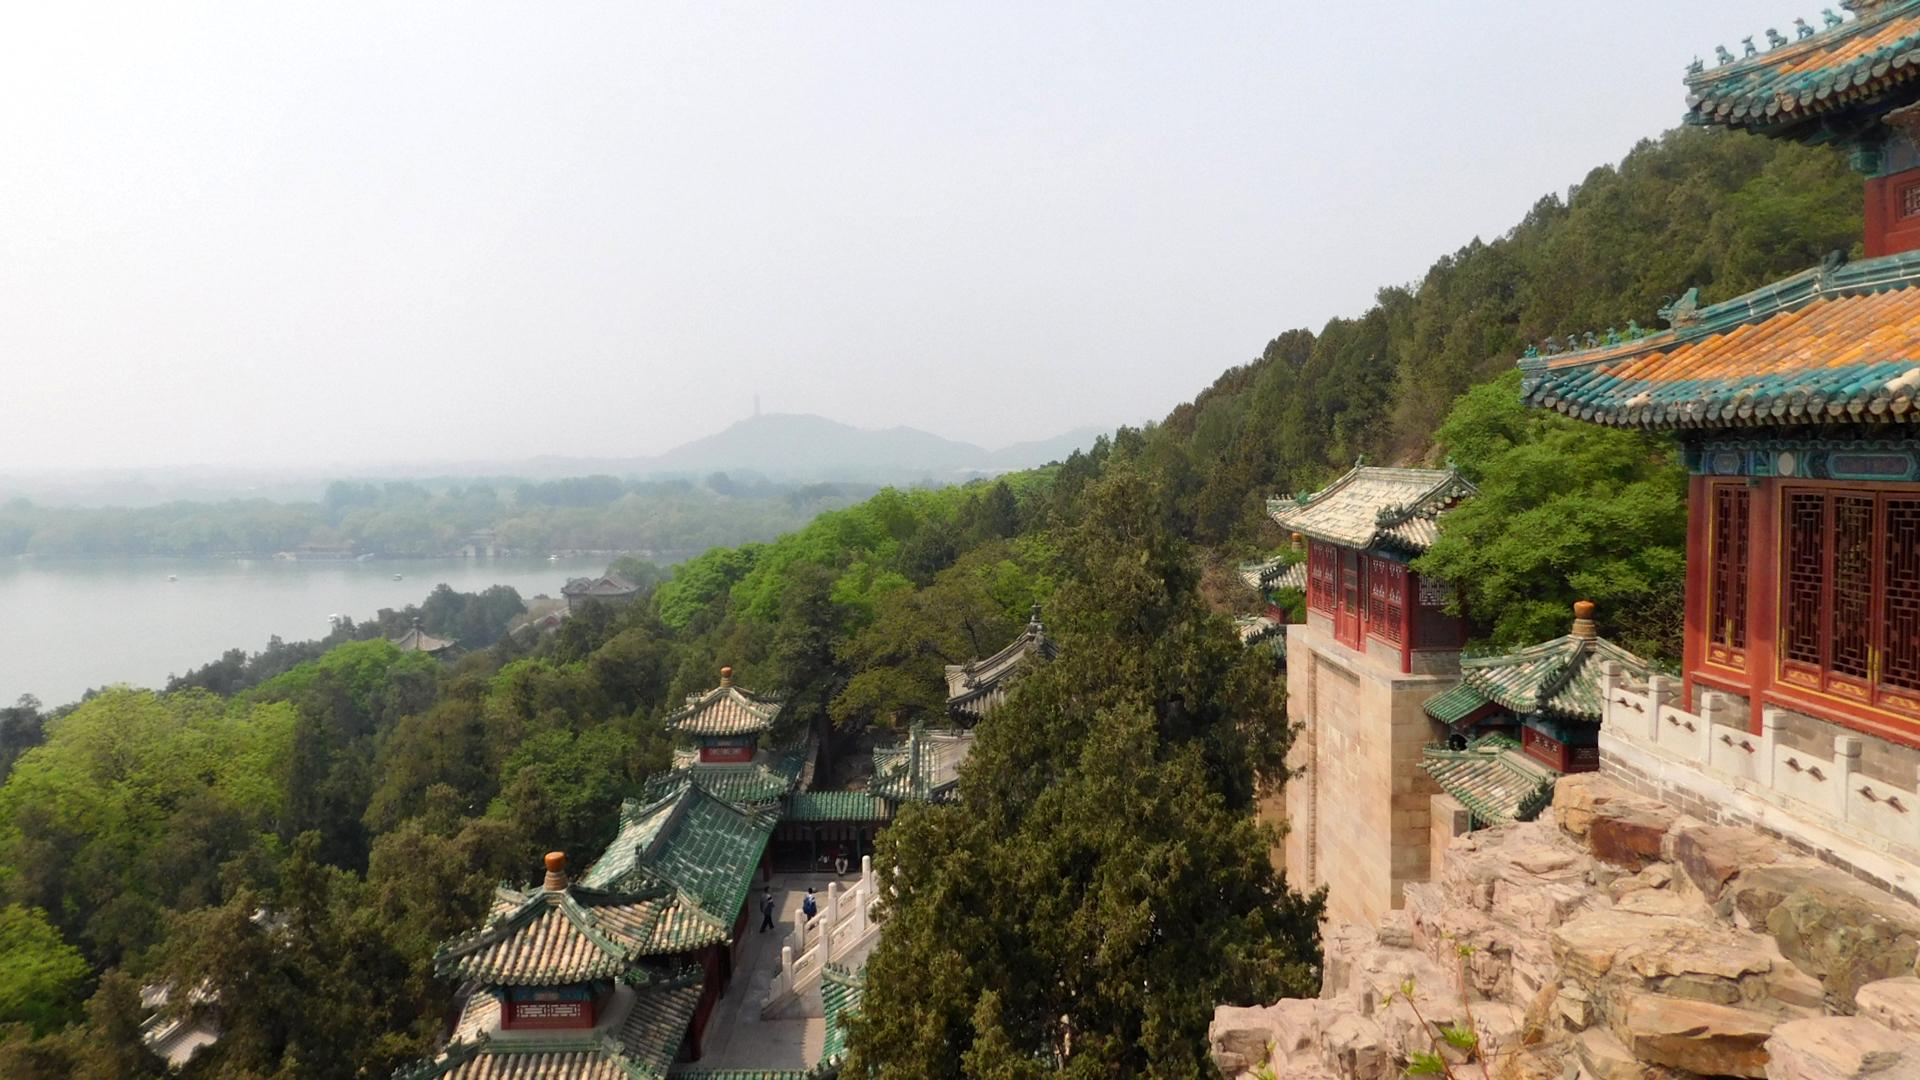 Direkt neben dem Pavilion of Buddhist Incense hat man eine schöne Sicht in die Natur